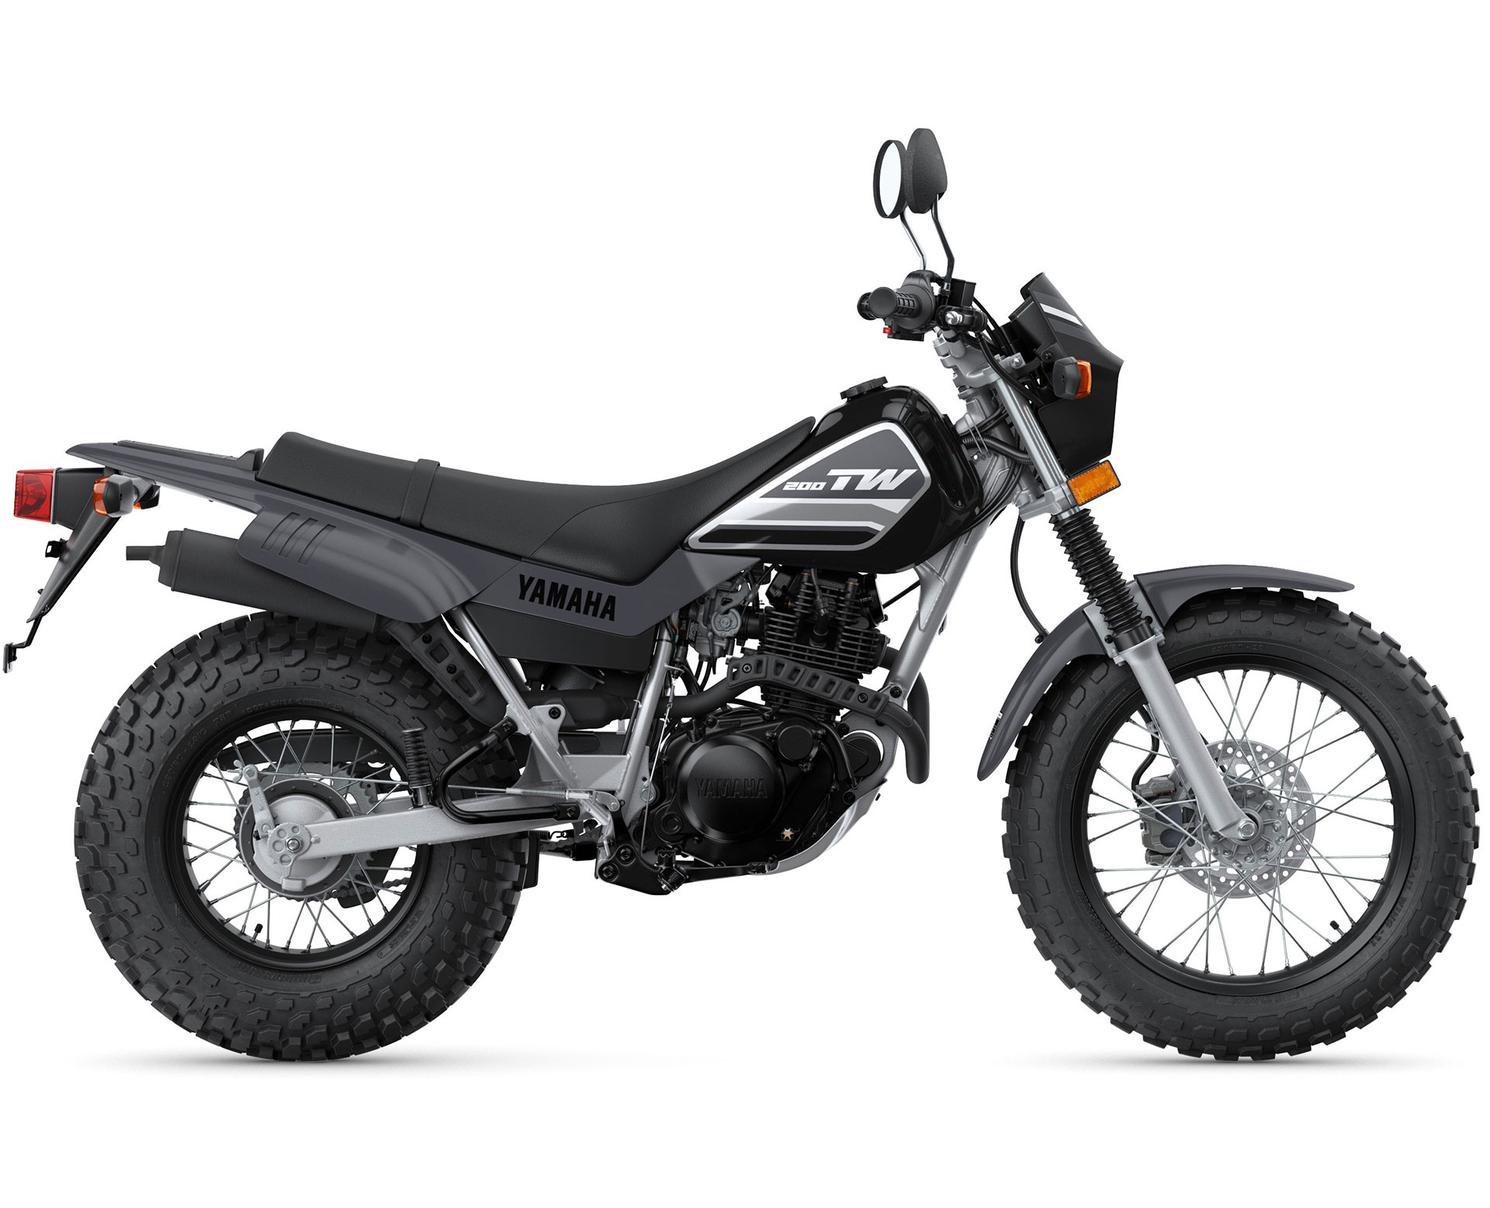 2021 Yamaha TW200 Metallic Black